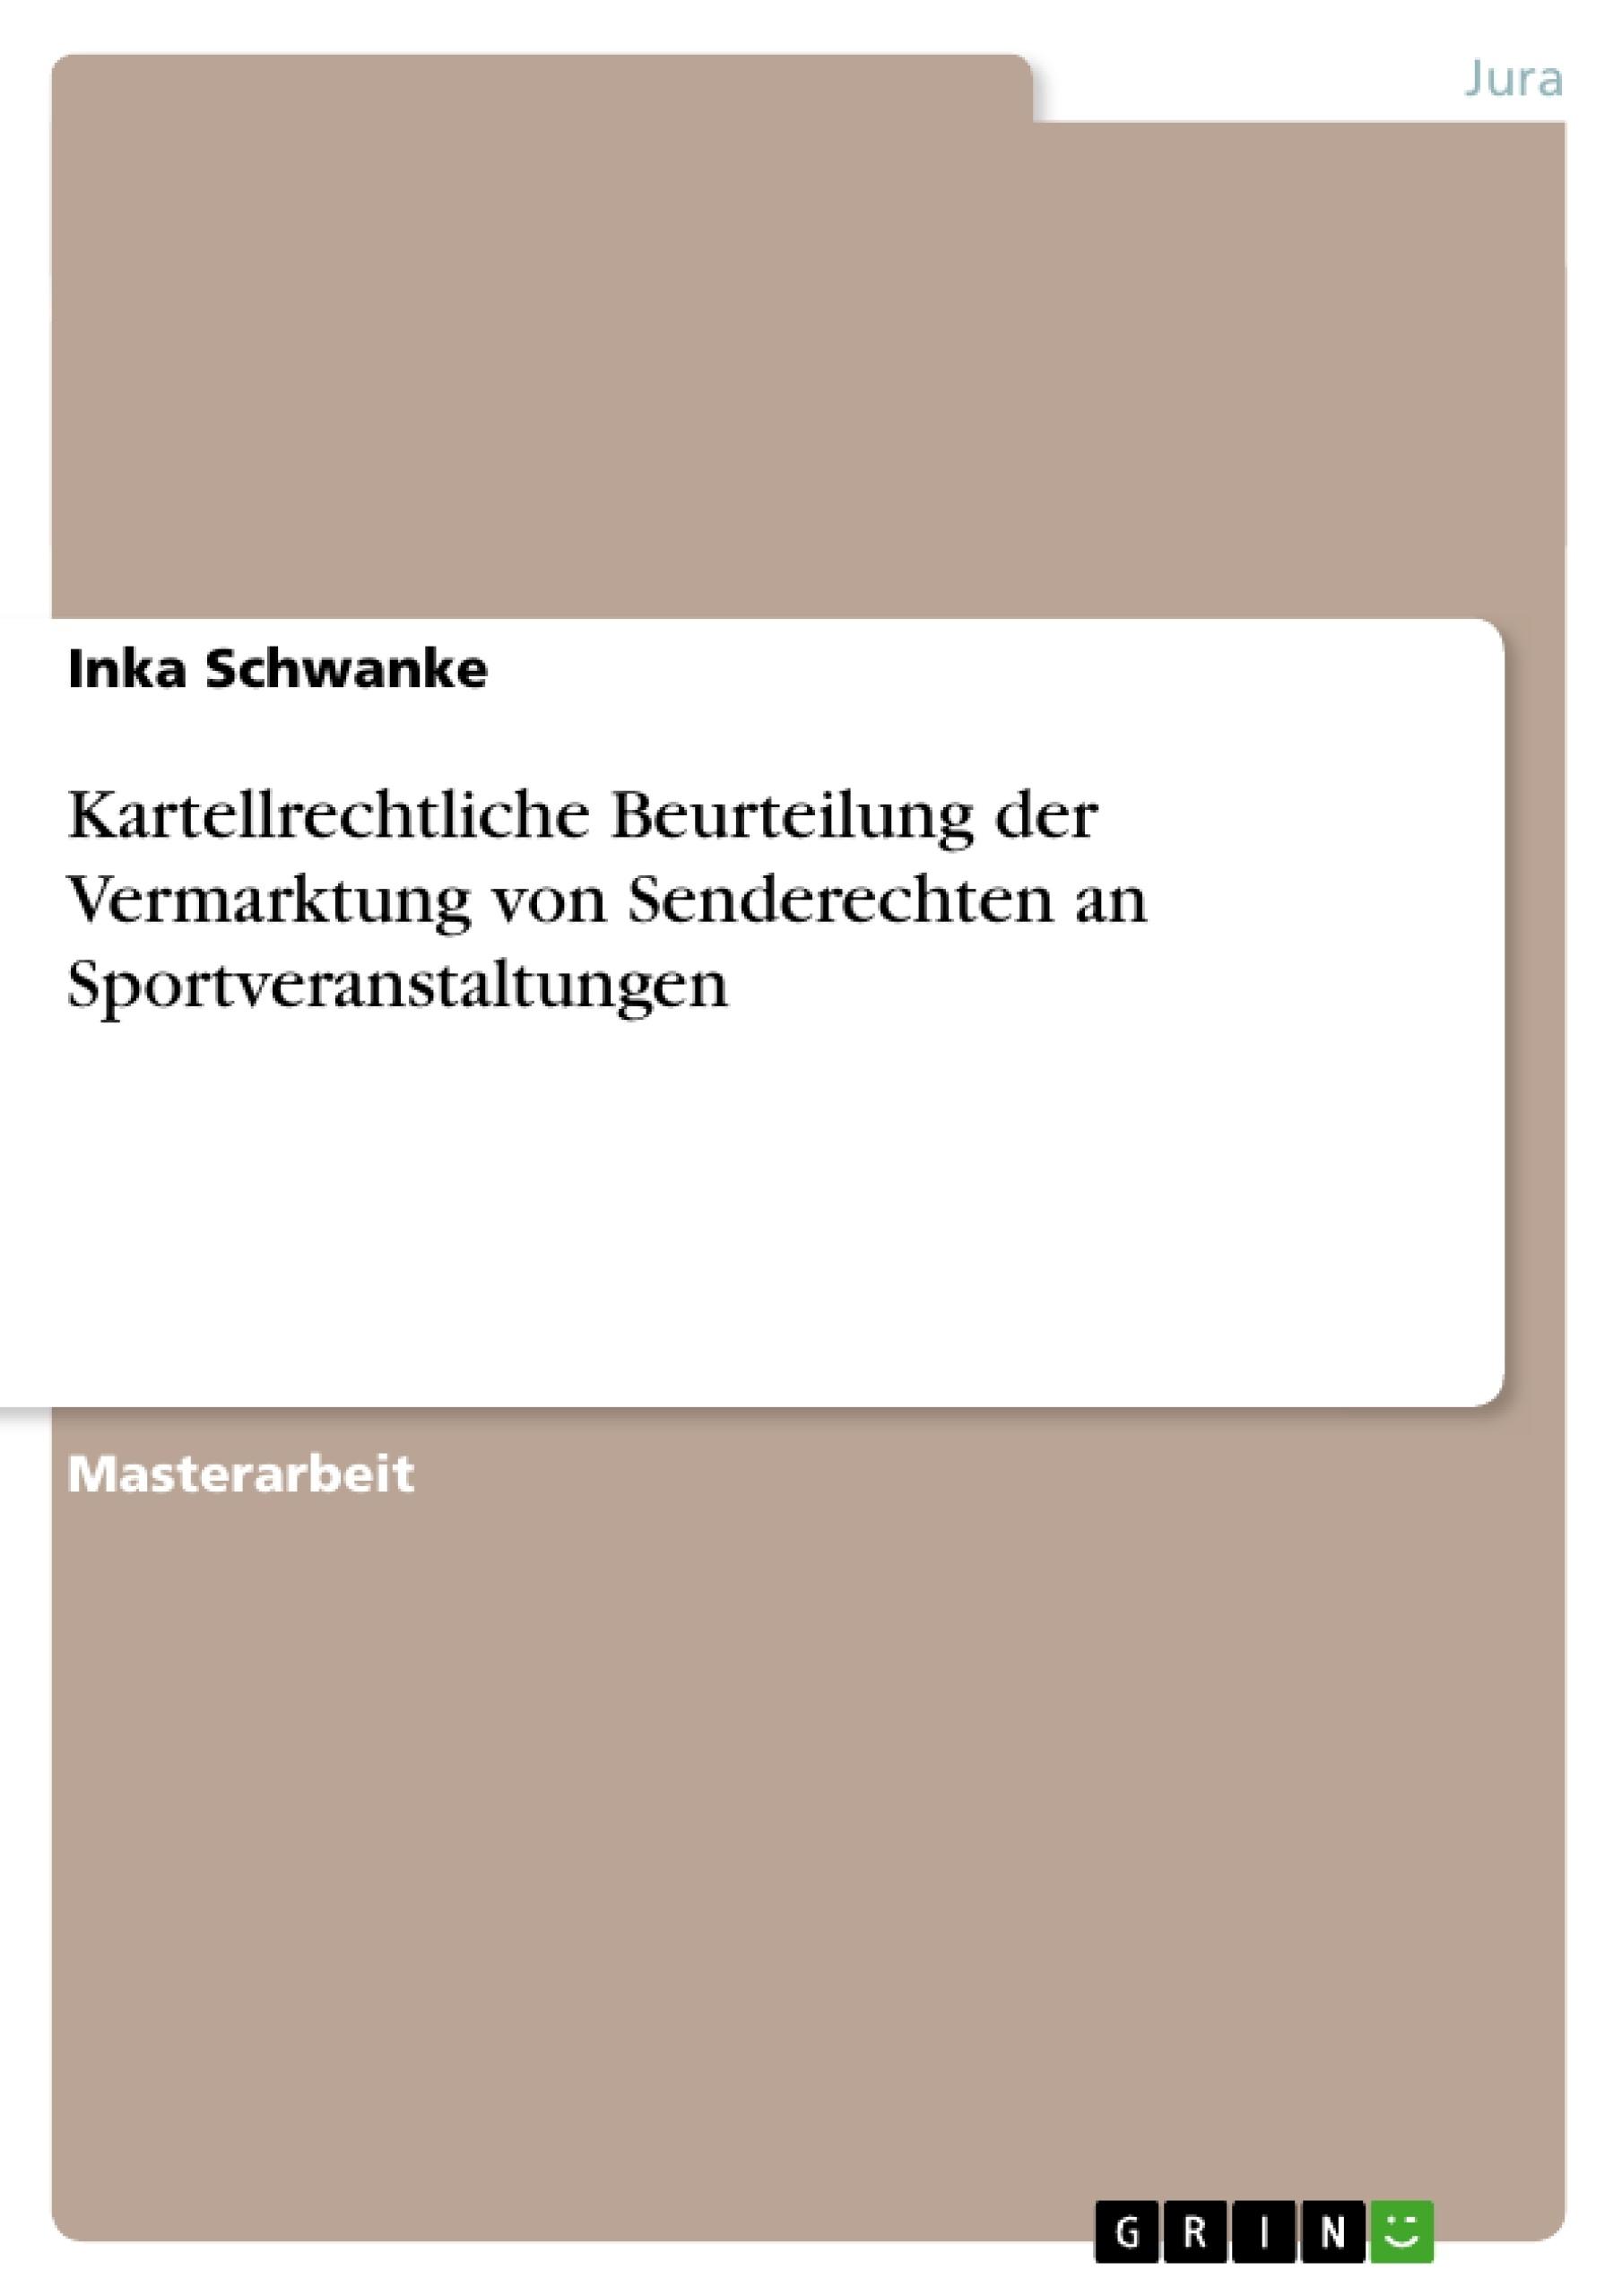 Titel: Kartellrechtliche Beurteilung der Vermarktung von Senderechten an Sportveranstaltungen